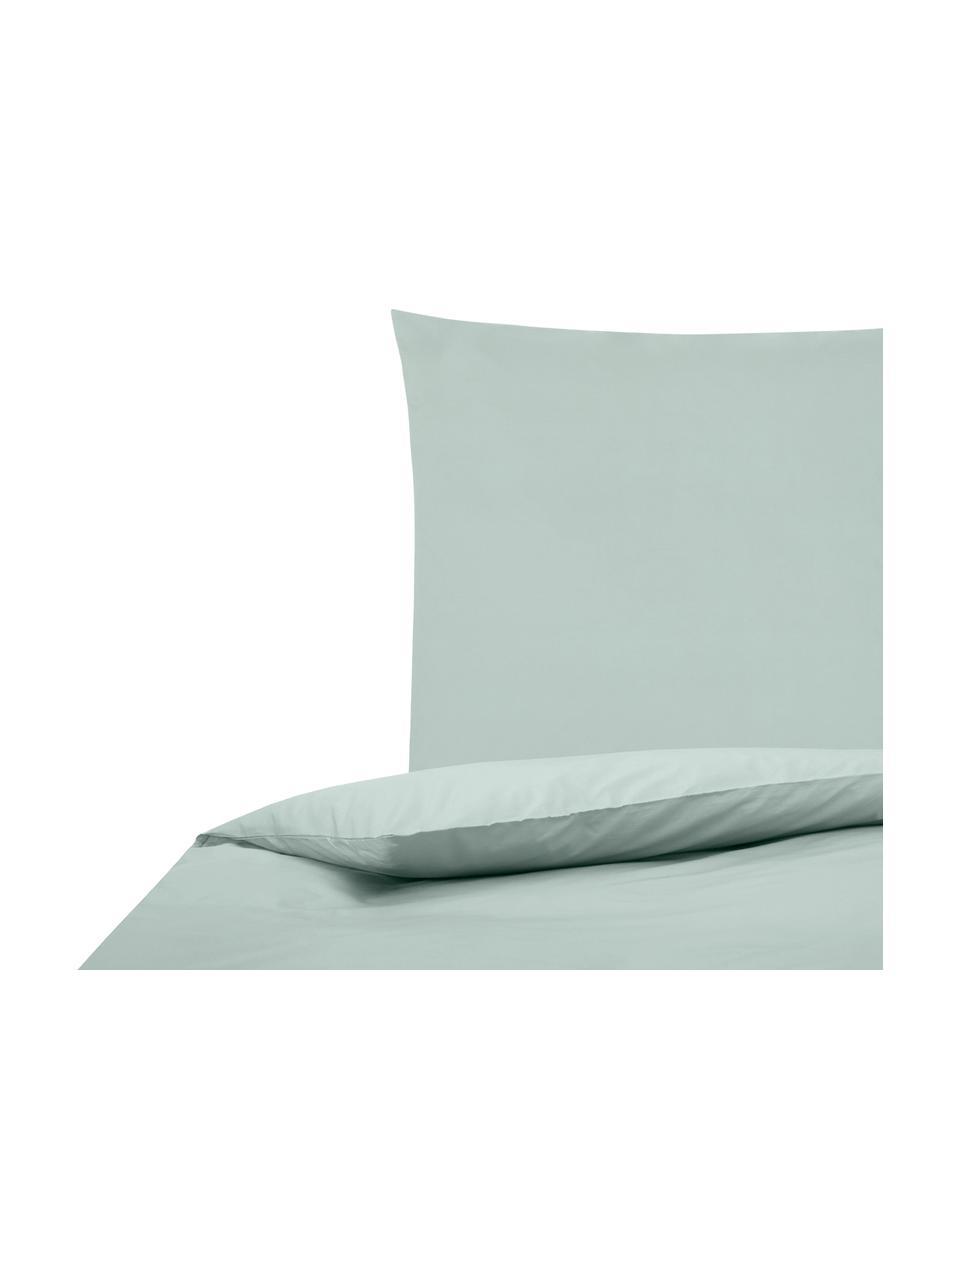 Parure copripiumino in percalle Elsie, Tessuto: percalle Densità del filo, Verde salvia, 255 x 200 cm